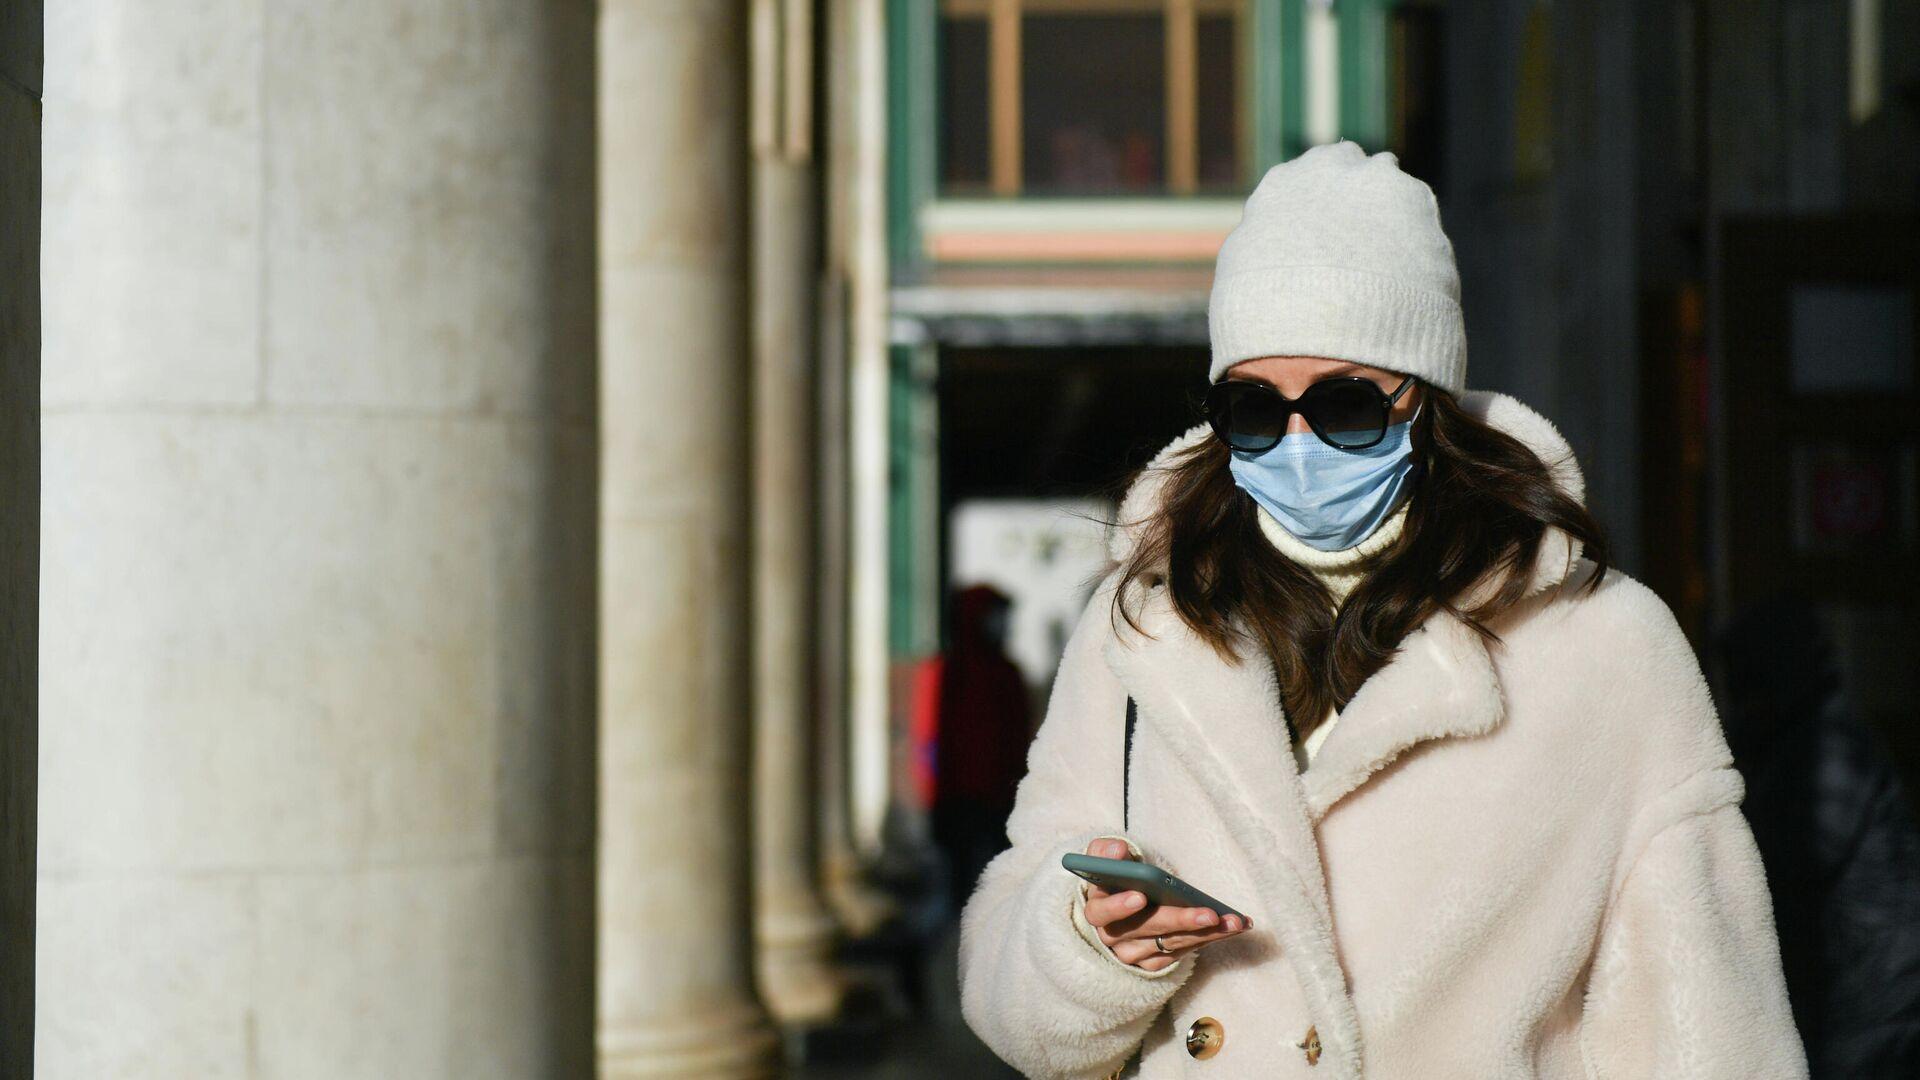 Девушка в защитной маске на улице в Москве - РИА Новости, 1920, 04.01.2021